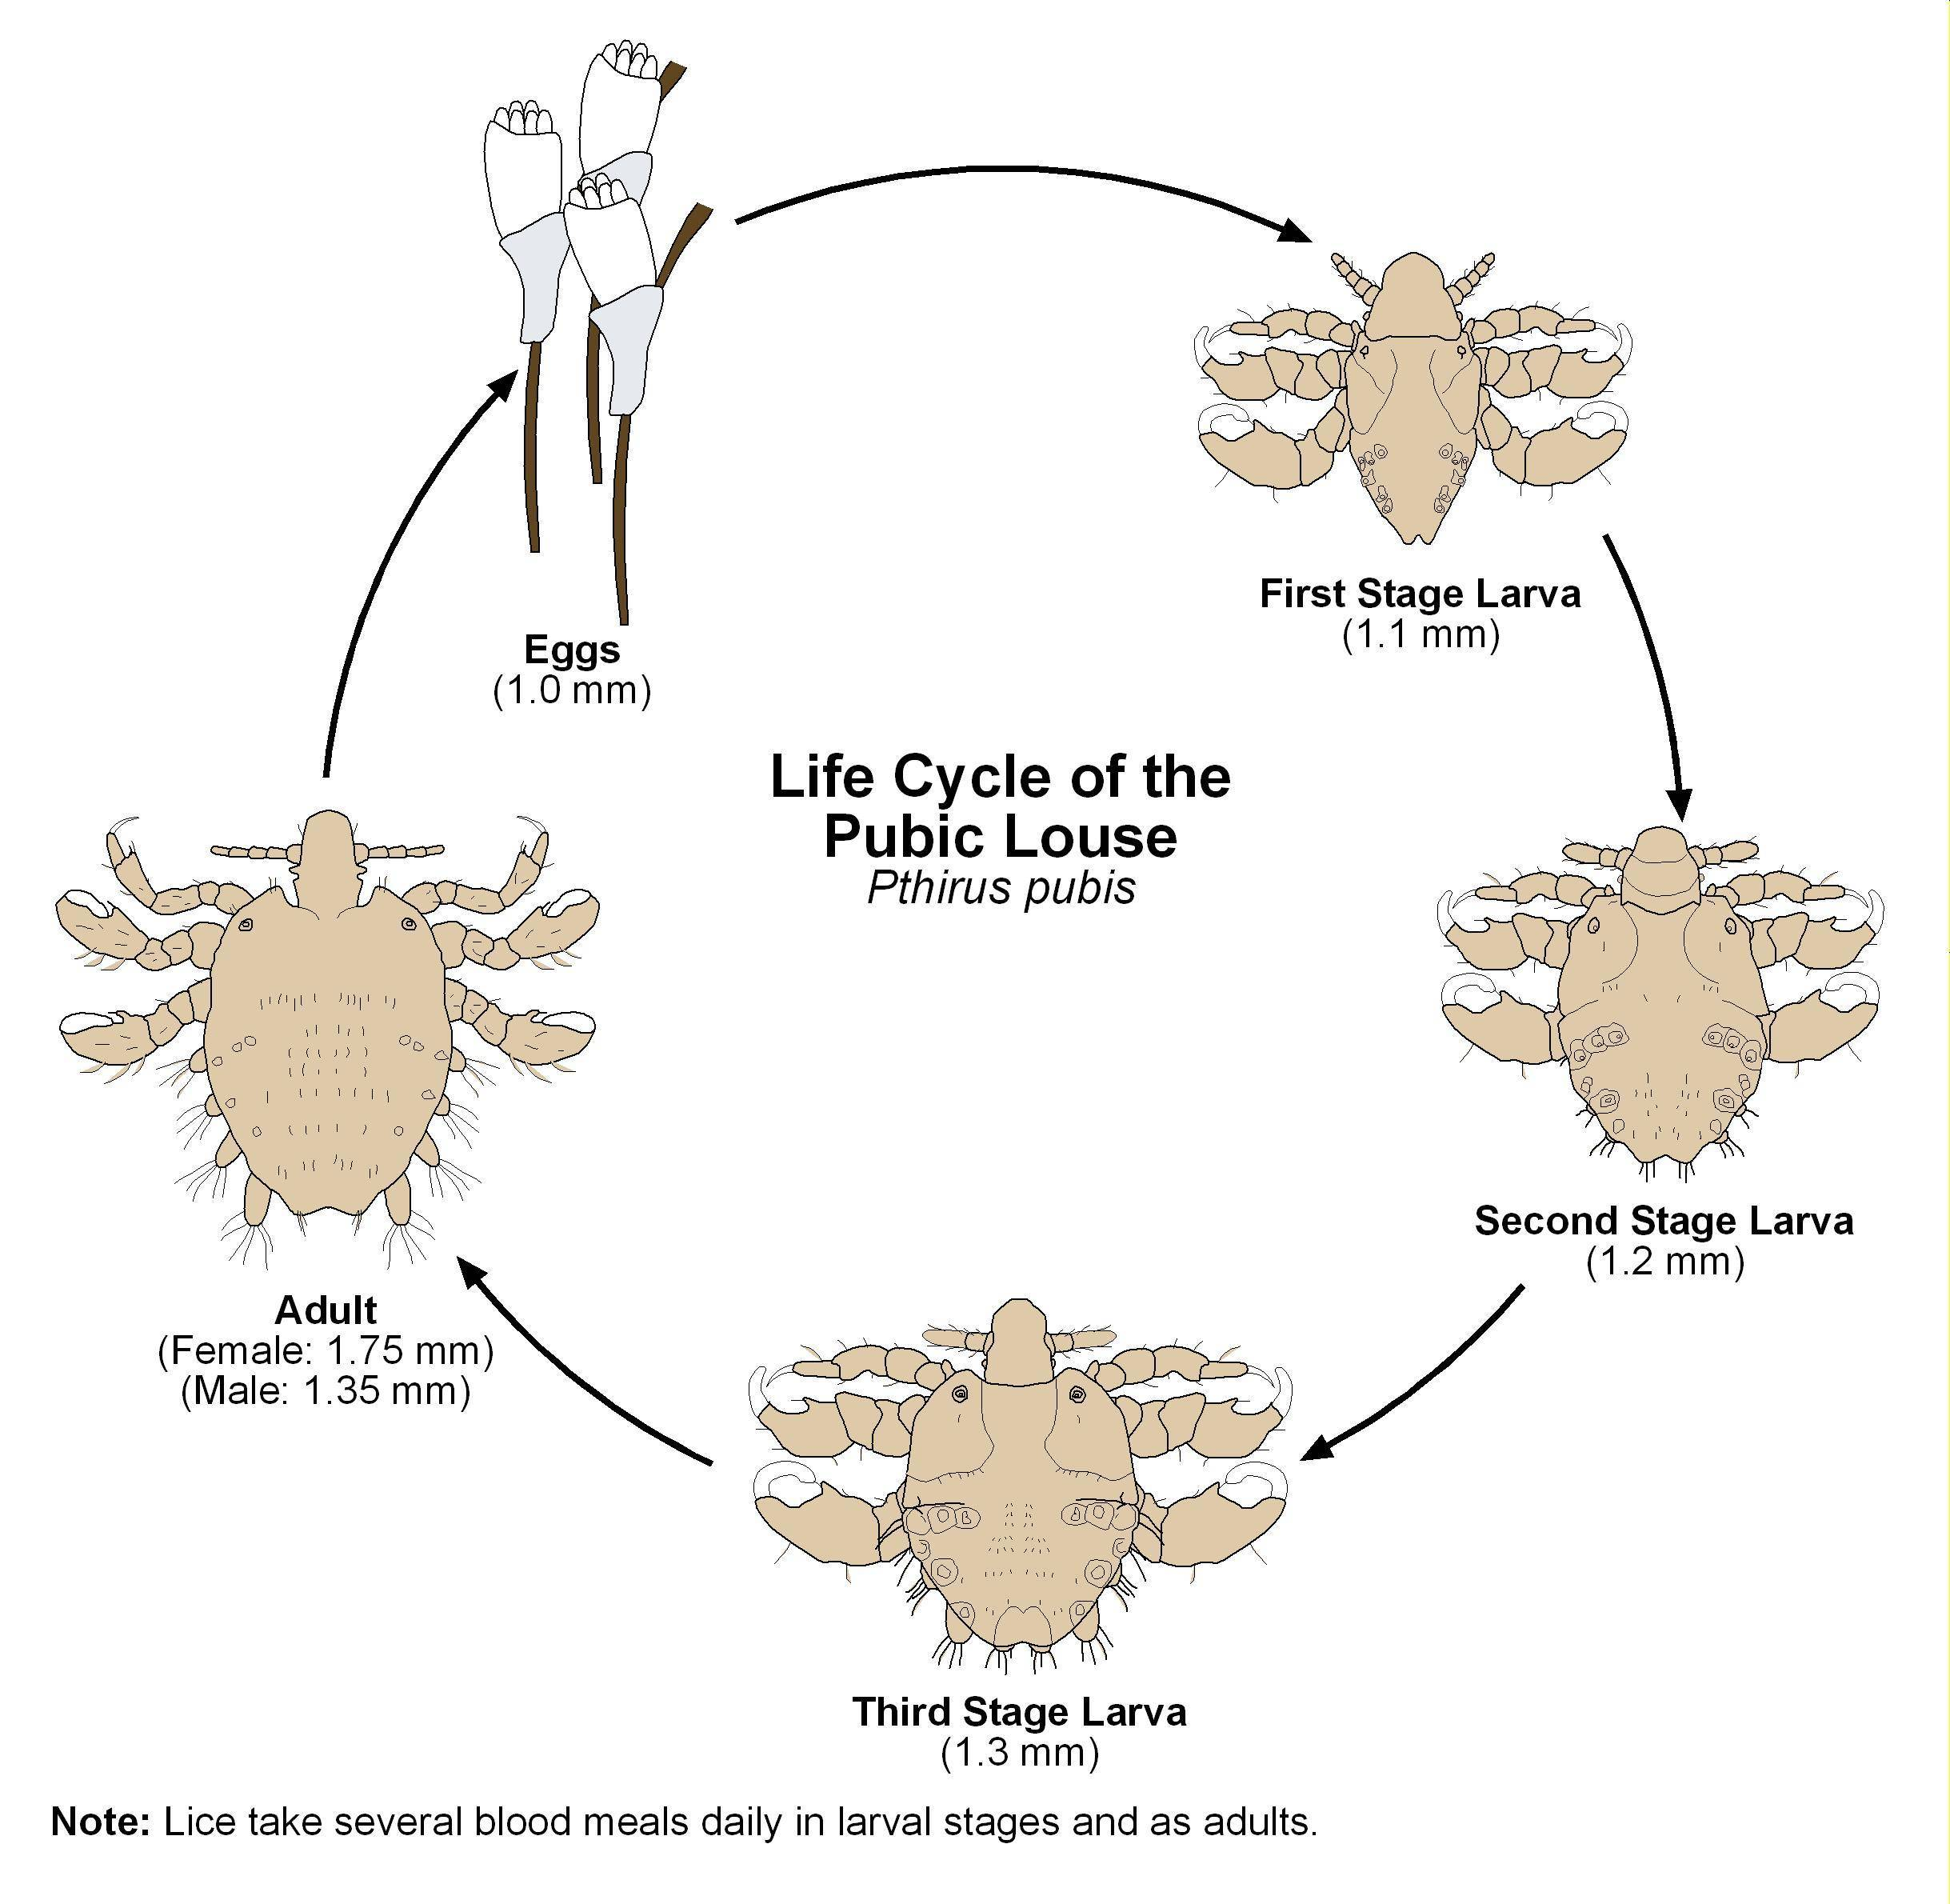 Размножение вшей у человека: насколько быстро происходит